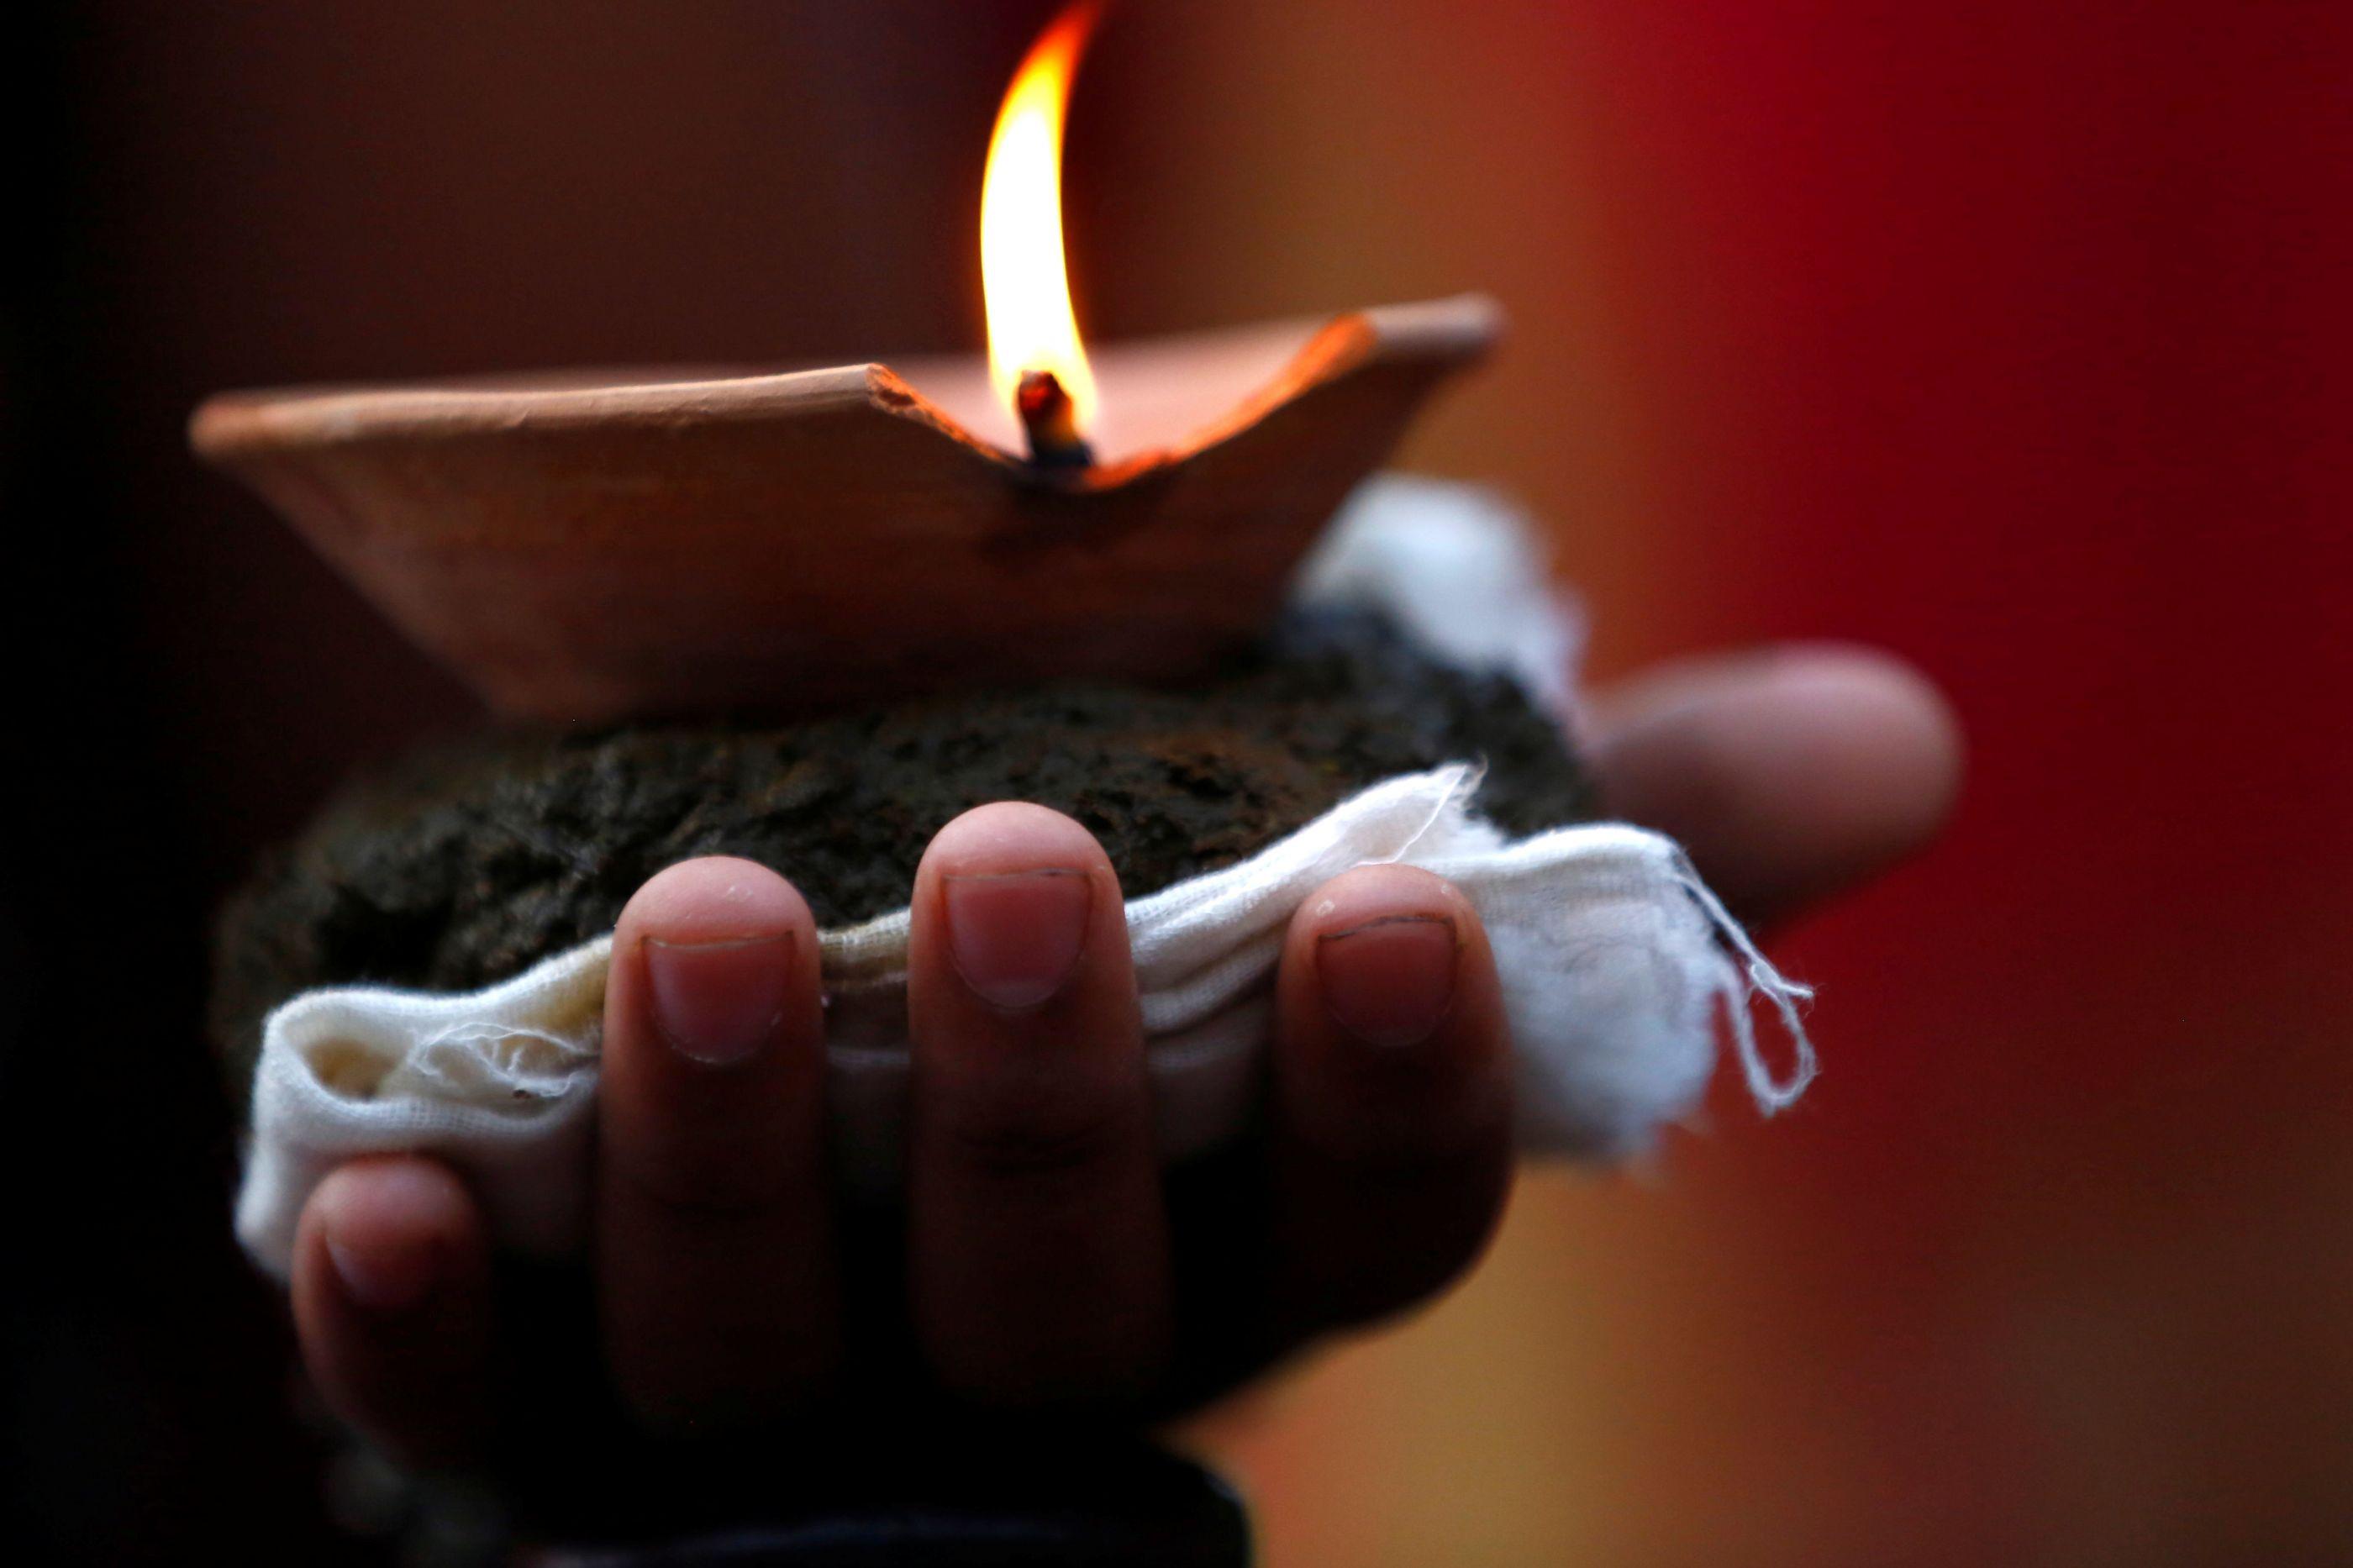 Ativistas lutam contra sacrifício animal em festival religioso do Nepal